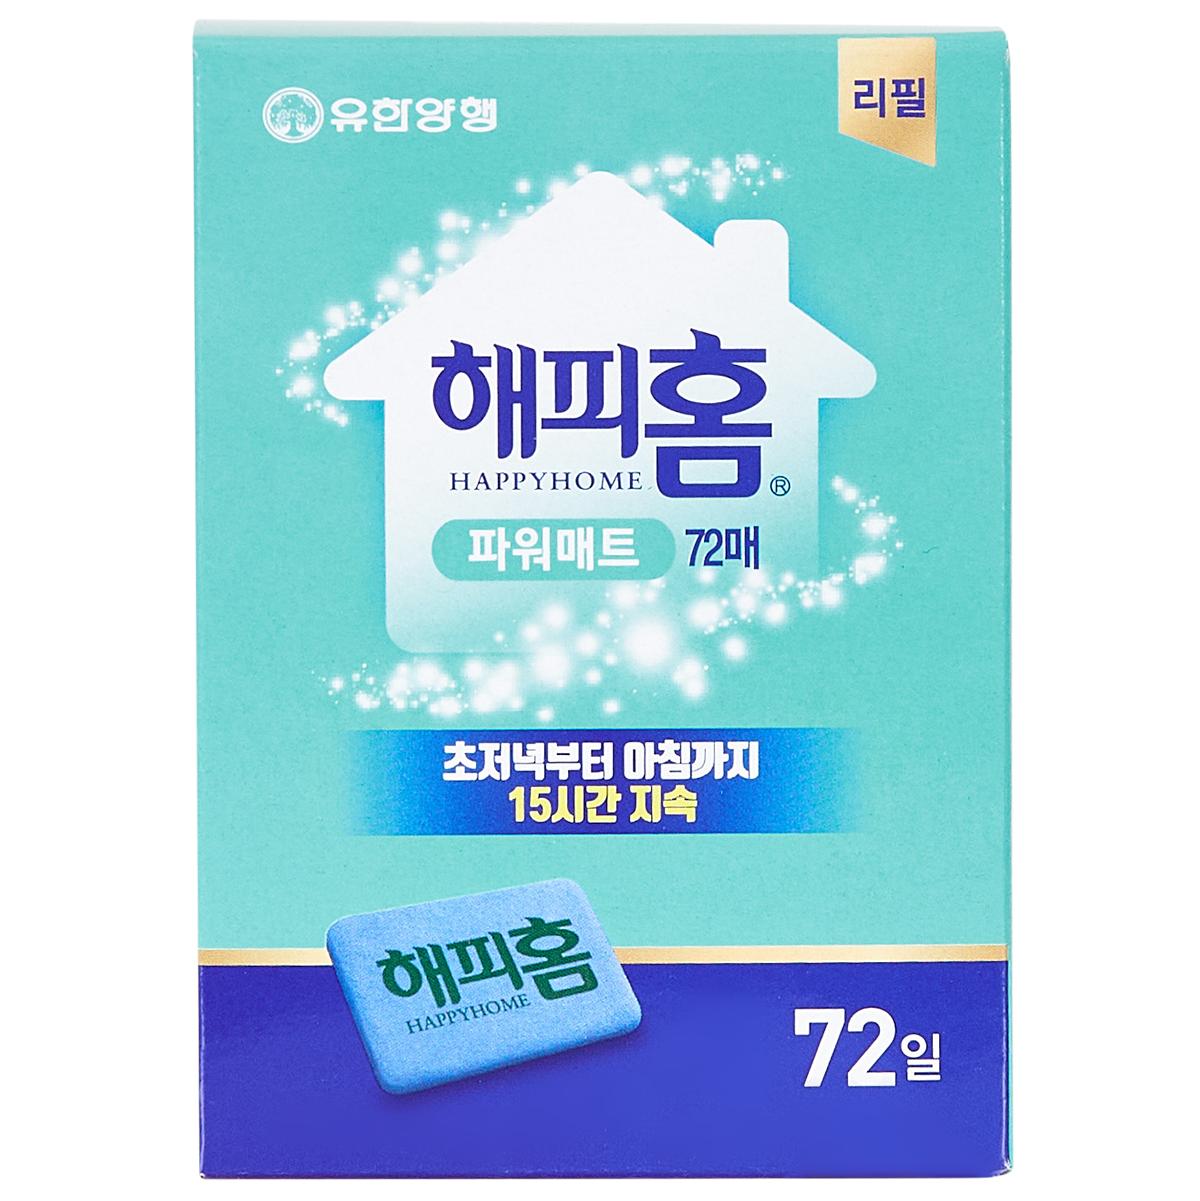 해피홈 유한양행 파워매트 벌레약 리필 72p, 1개